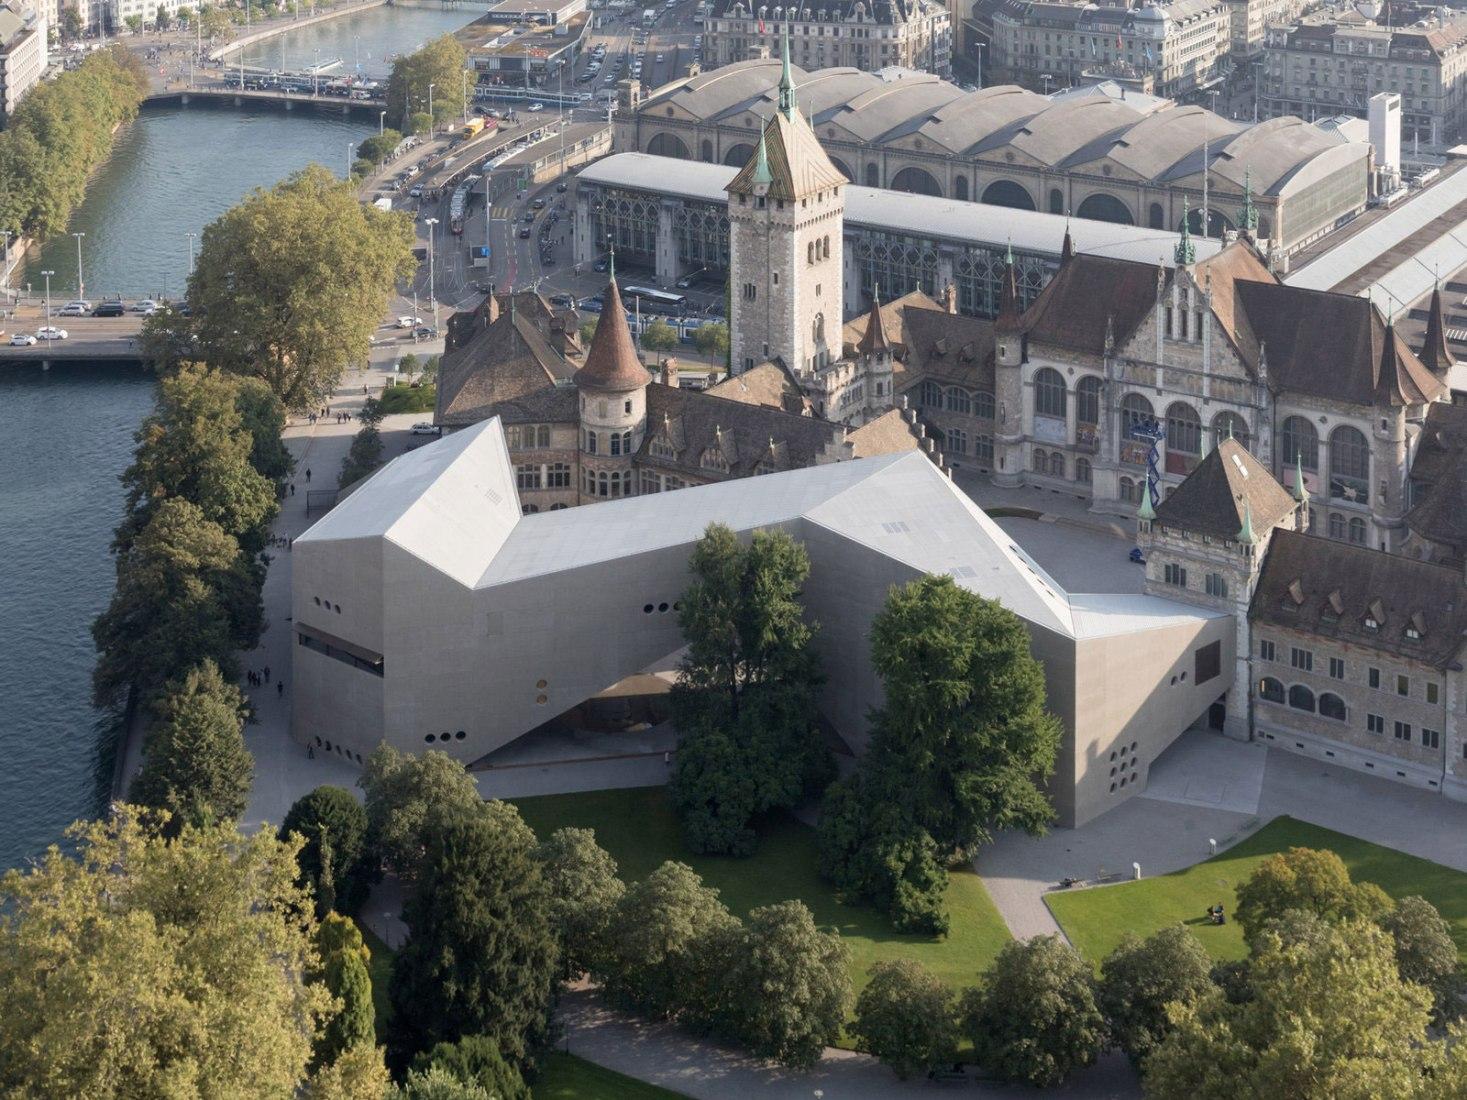 Aerial exterior view. Swiss National Museum by Christ & Gantenbein. Photograph © Iwan Baan